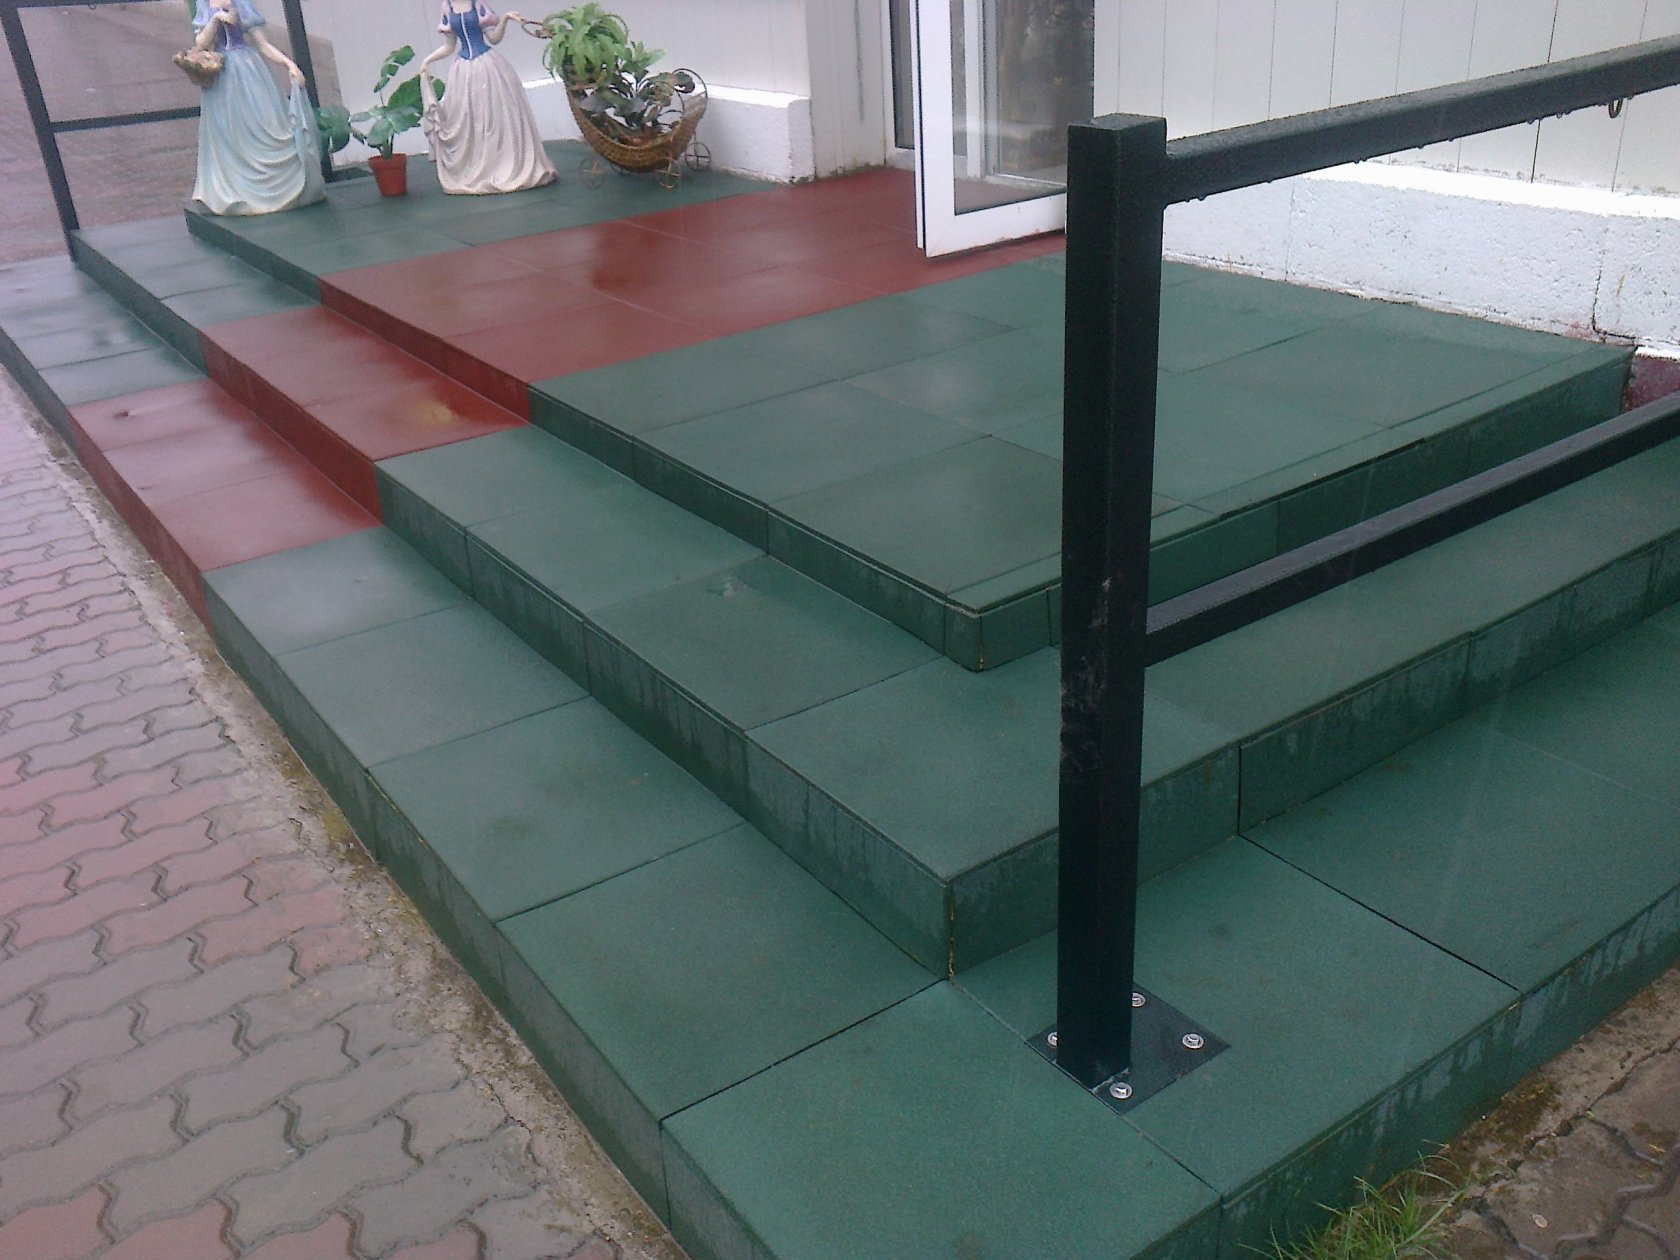 цена на резиновую плитку для ступеней крыльца в Ставрополе